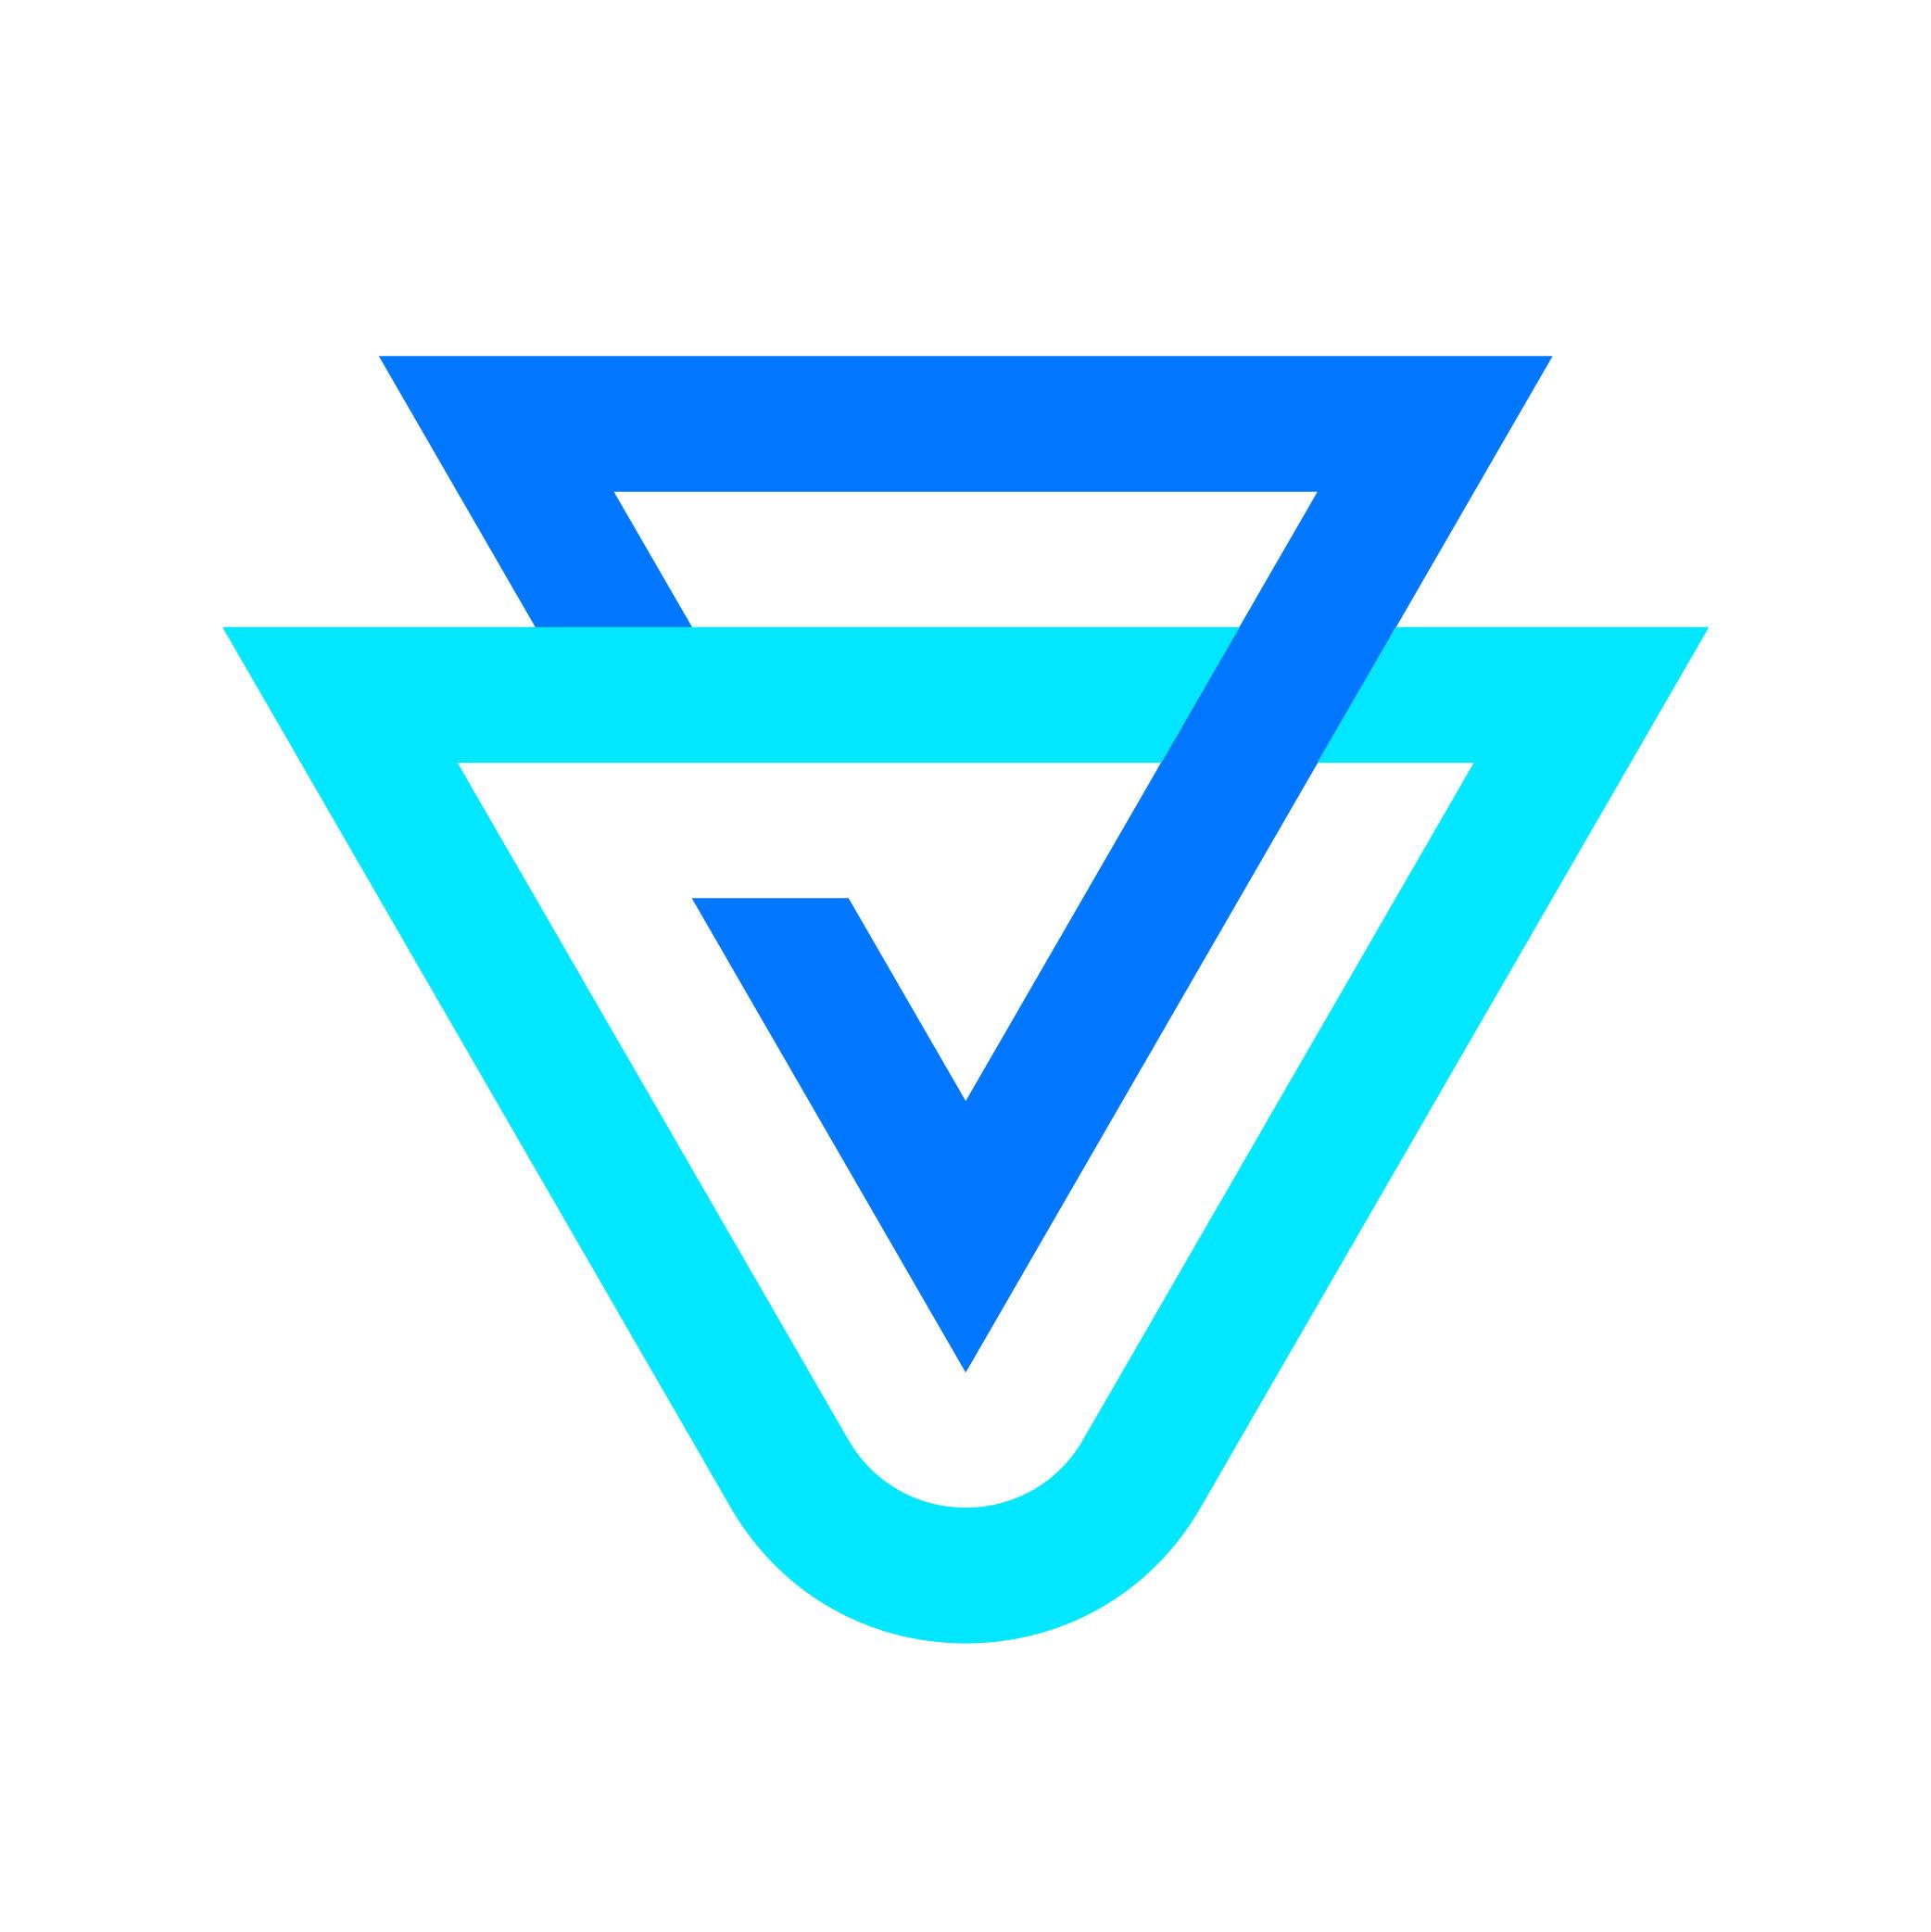 Vectrix.io